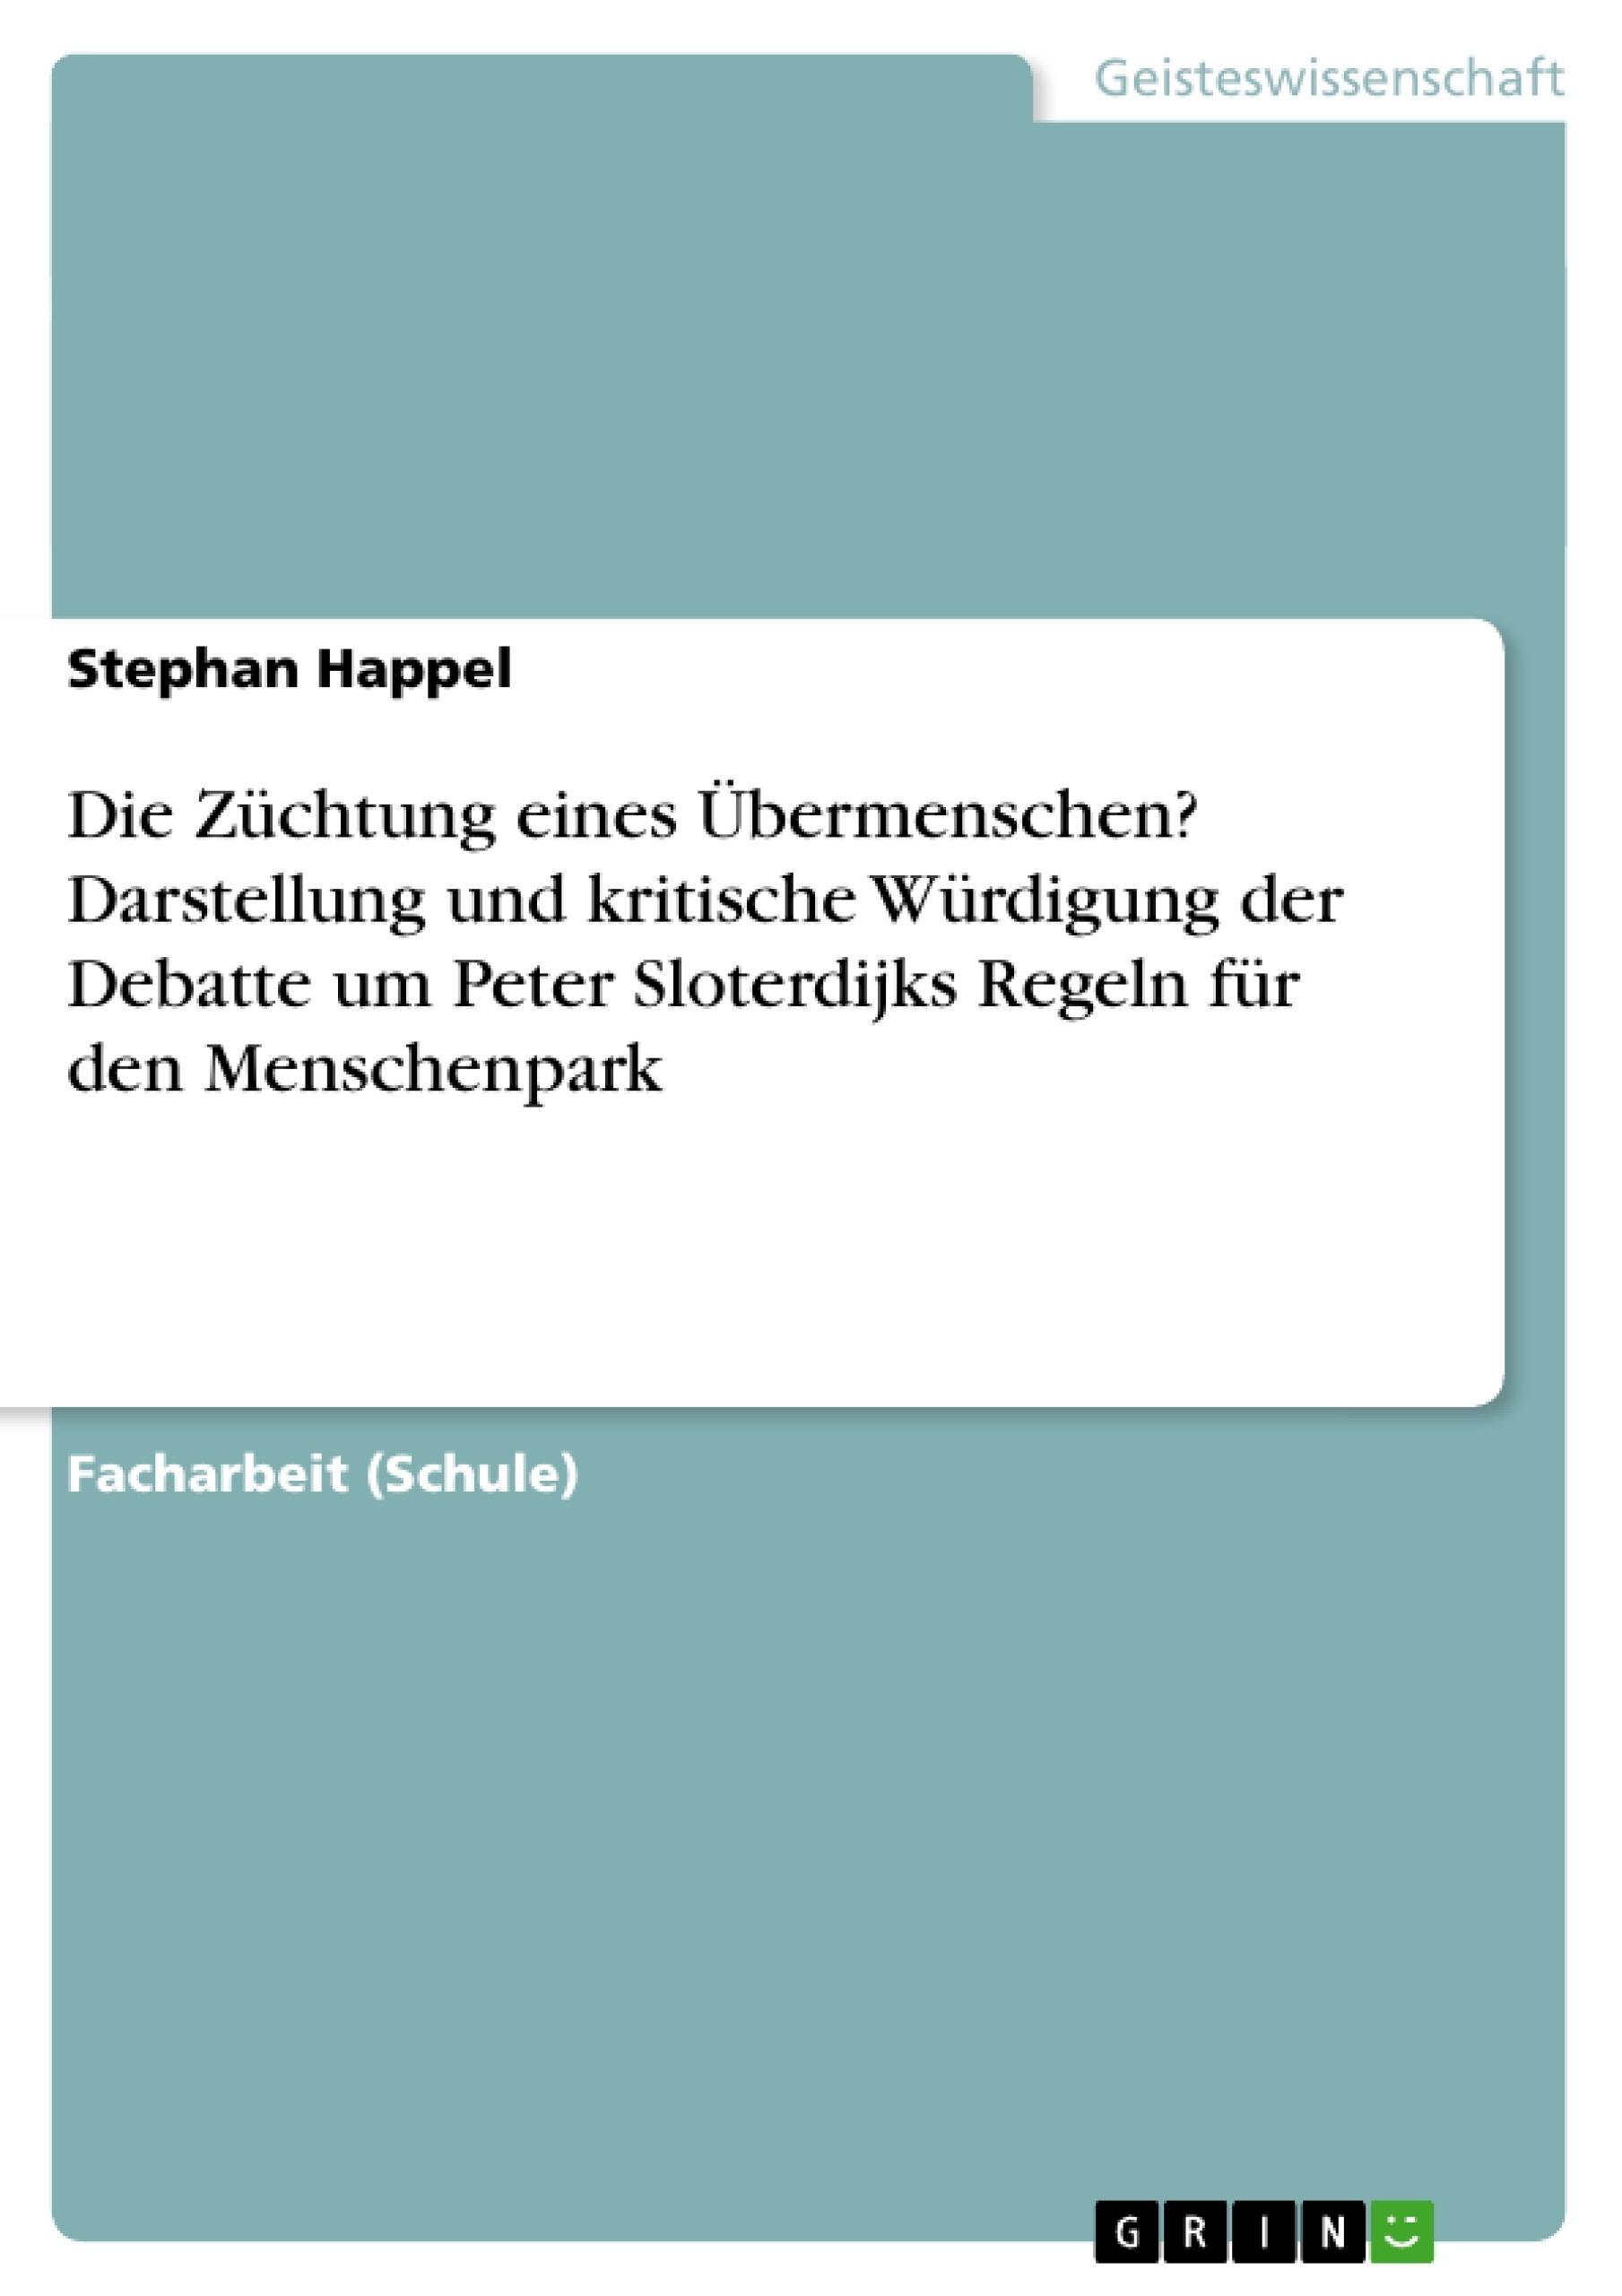 Titel: Die Züchtung eines Übermenschen? Darstellung und kritische Würdigung der Debatte um Peter Sloterdijks  Regeln für den Menschenpark